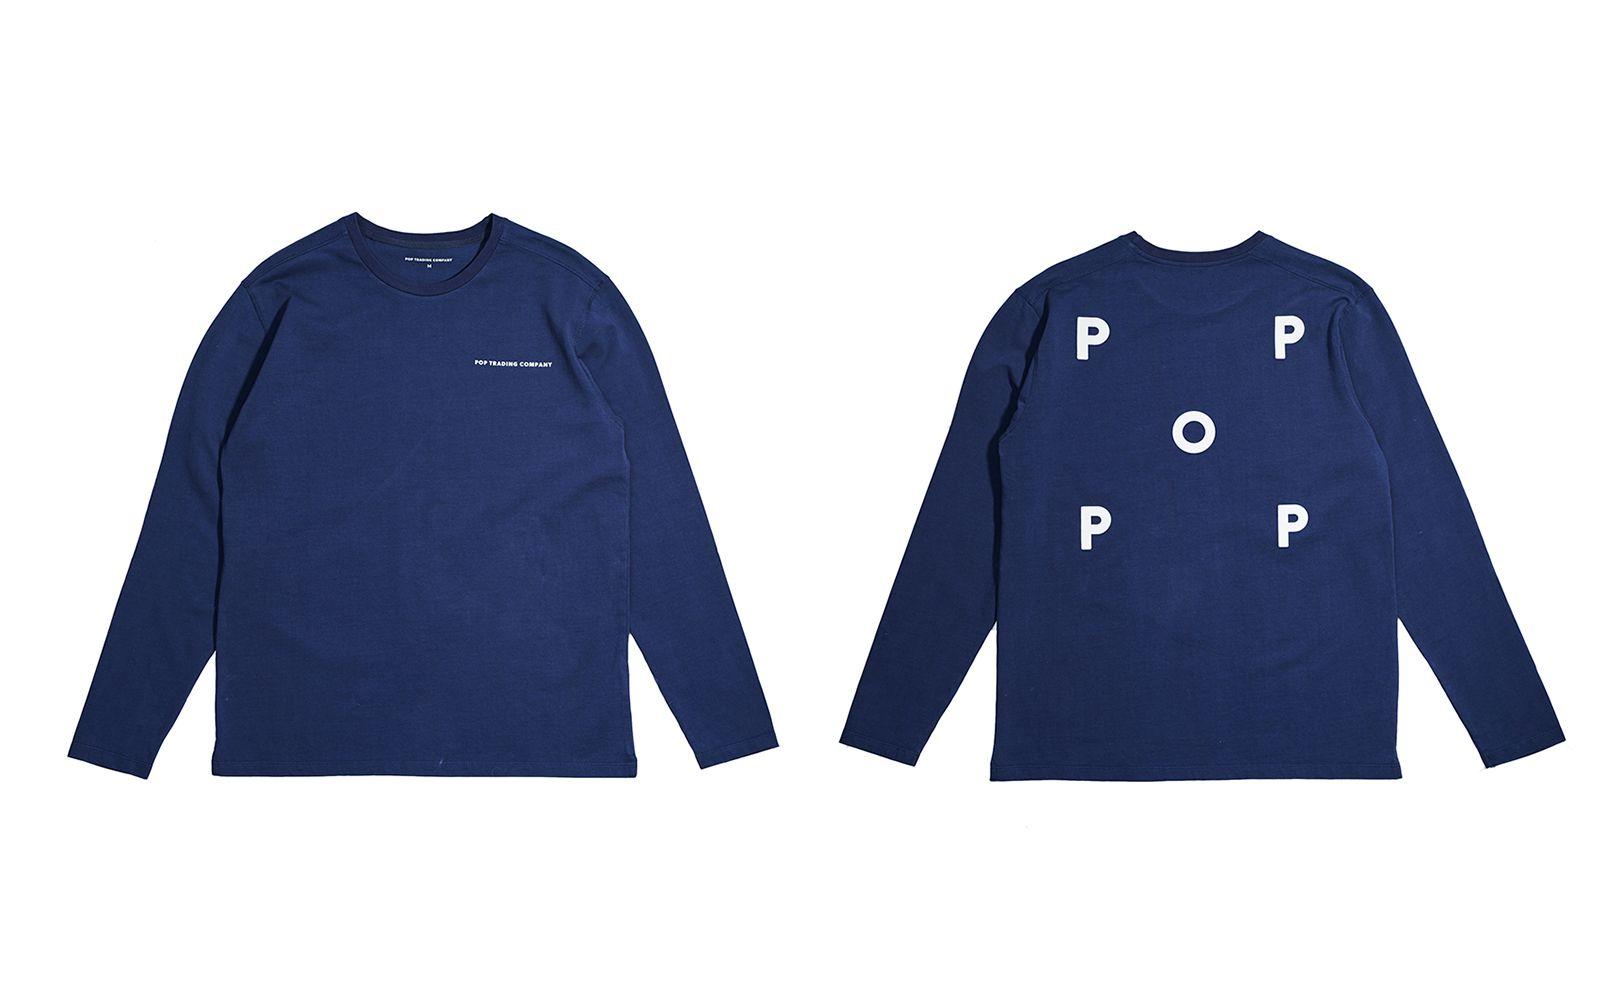 pop-trading-company-aw17-product-8-logo-longsleeve-navy